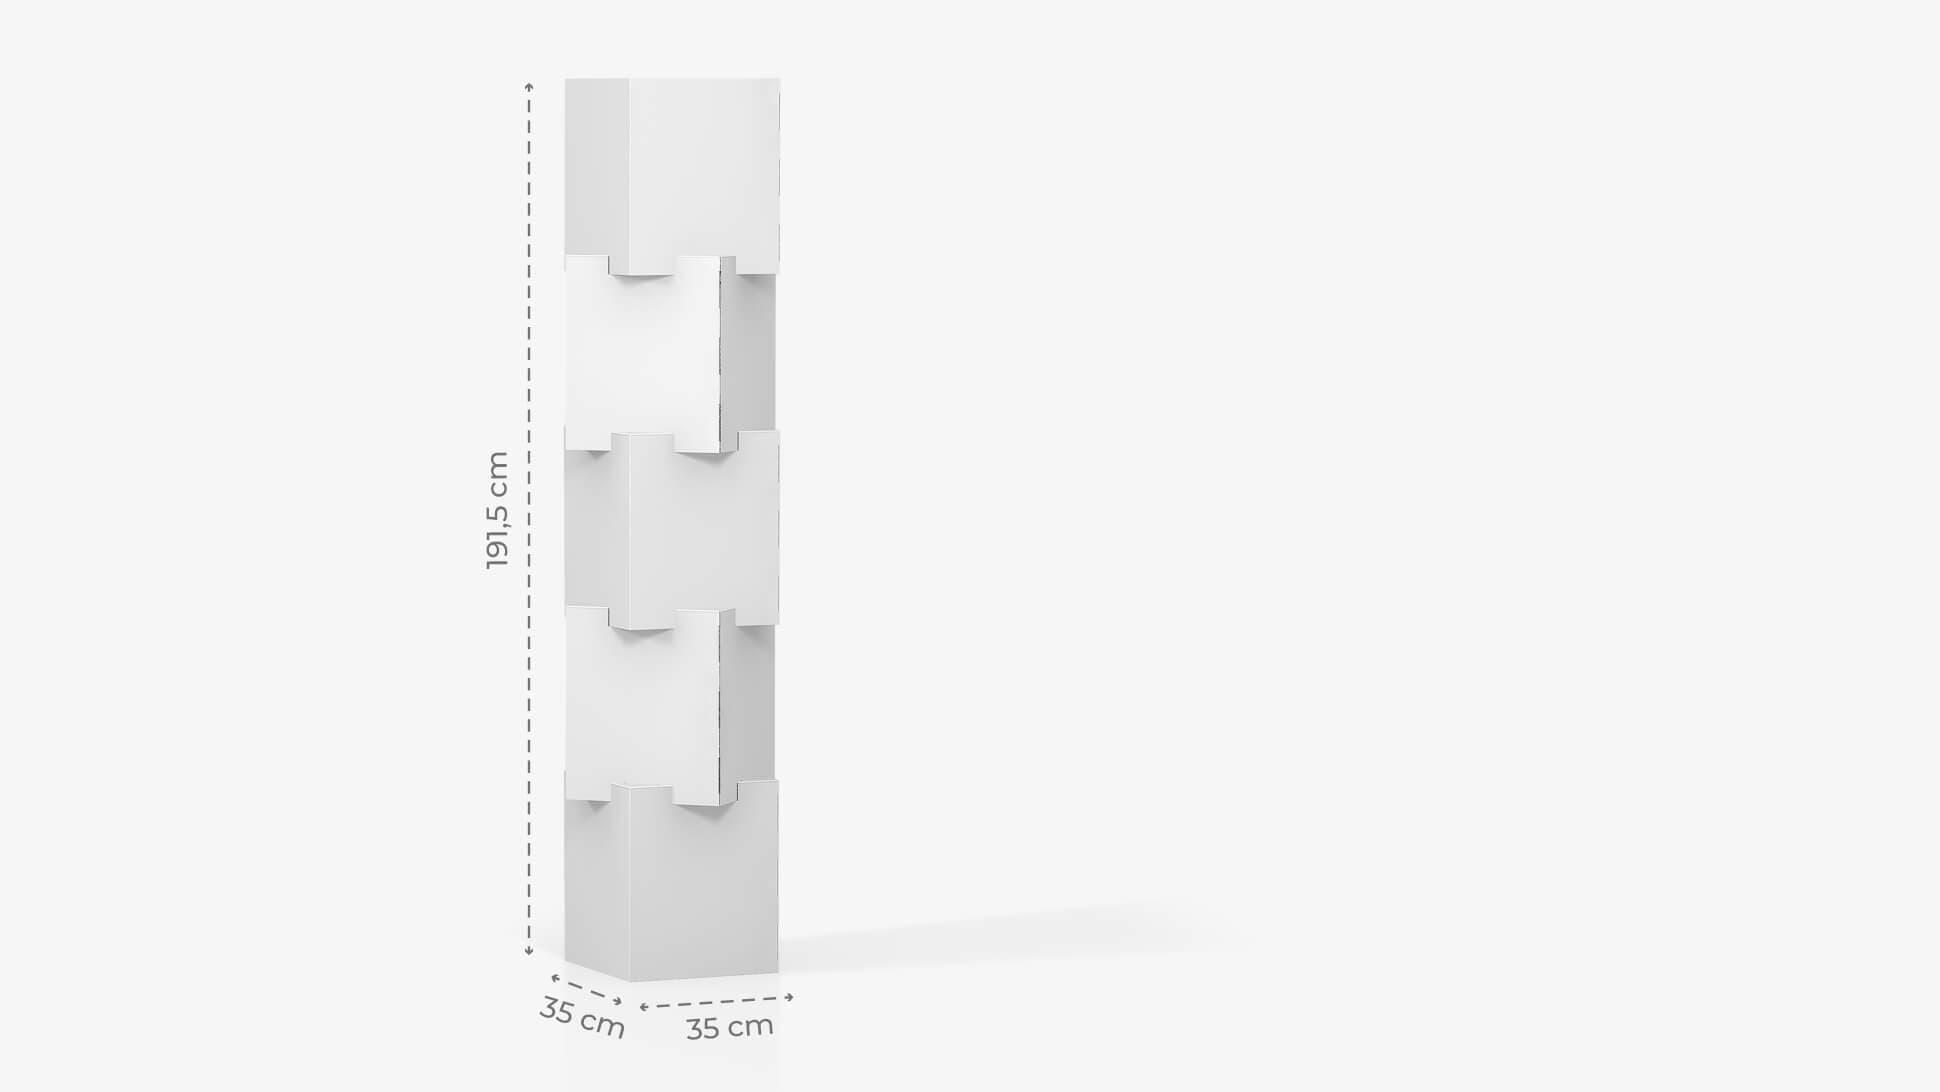 Espositore personalizzabile con 4 cubi sovrapposti h191,5 cm | tictac.it